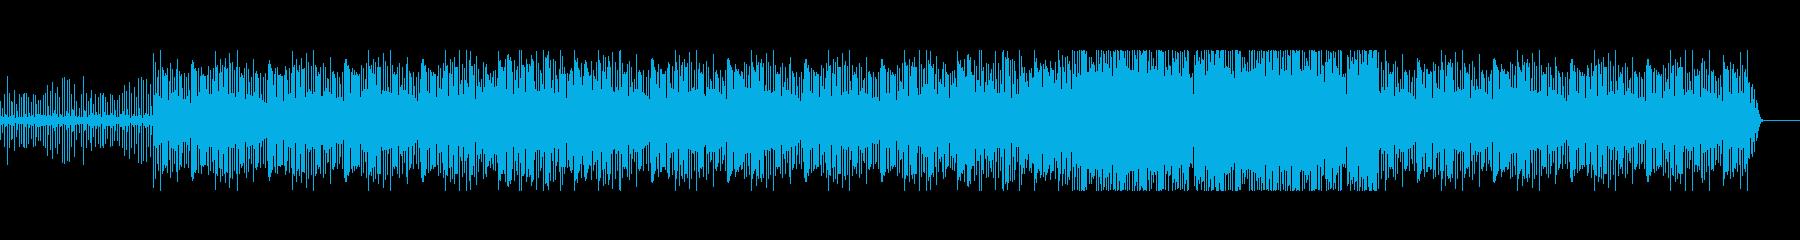 クールなHiphopサウンドの再生済みの波形